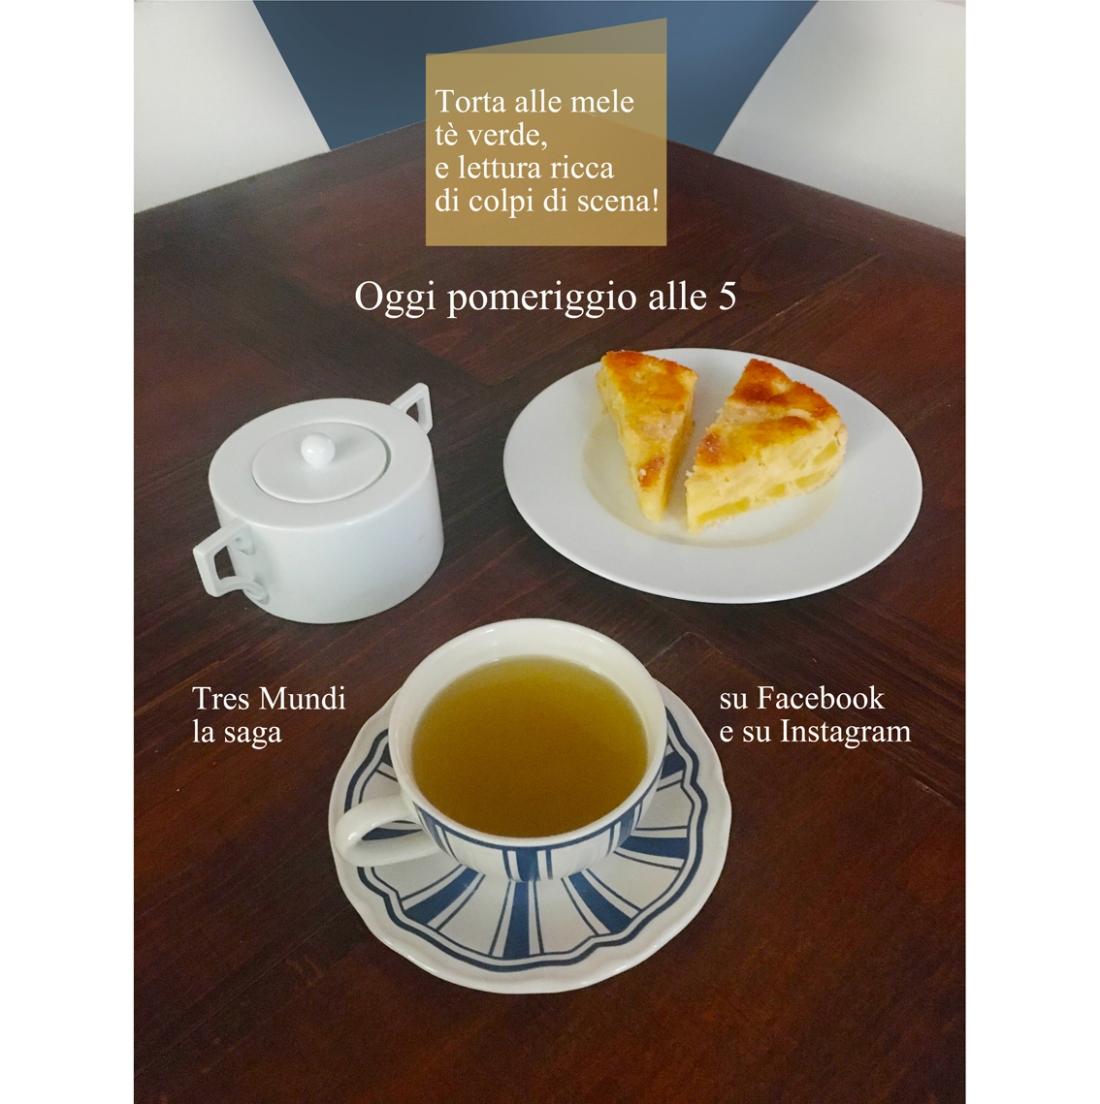 Tè e torta di mele instagram fondo.jpg